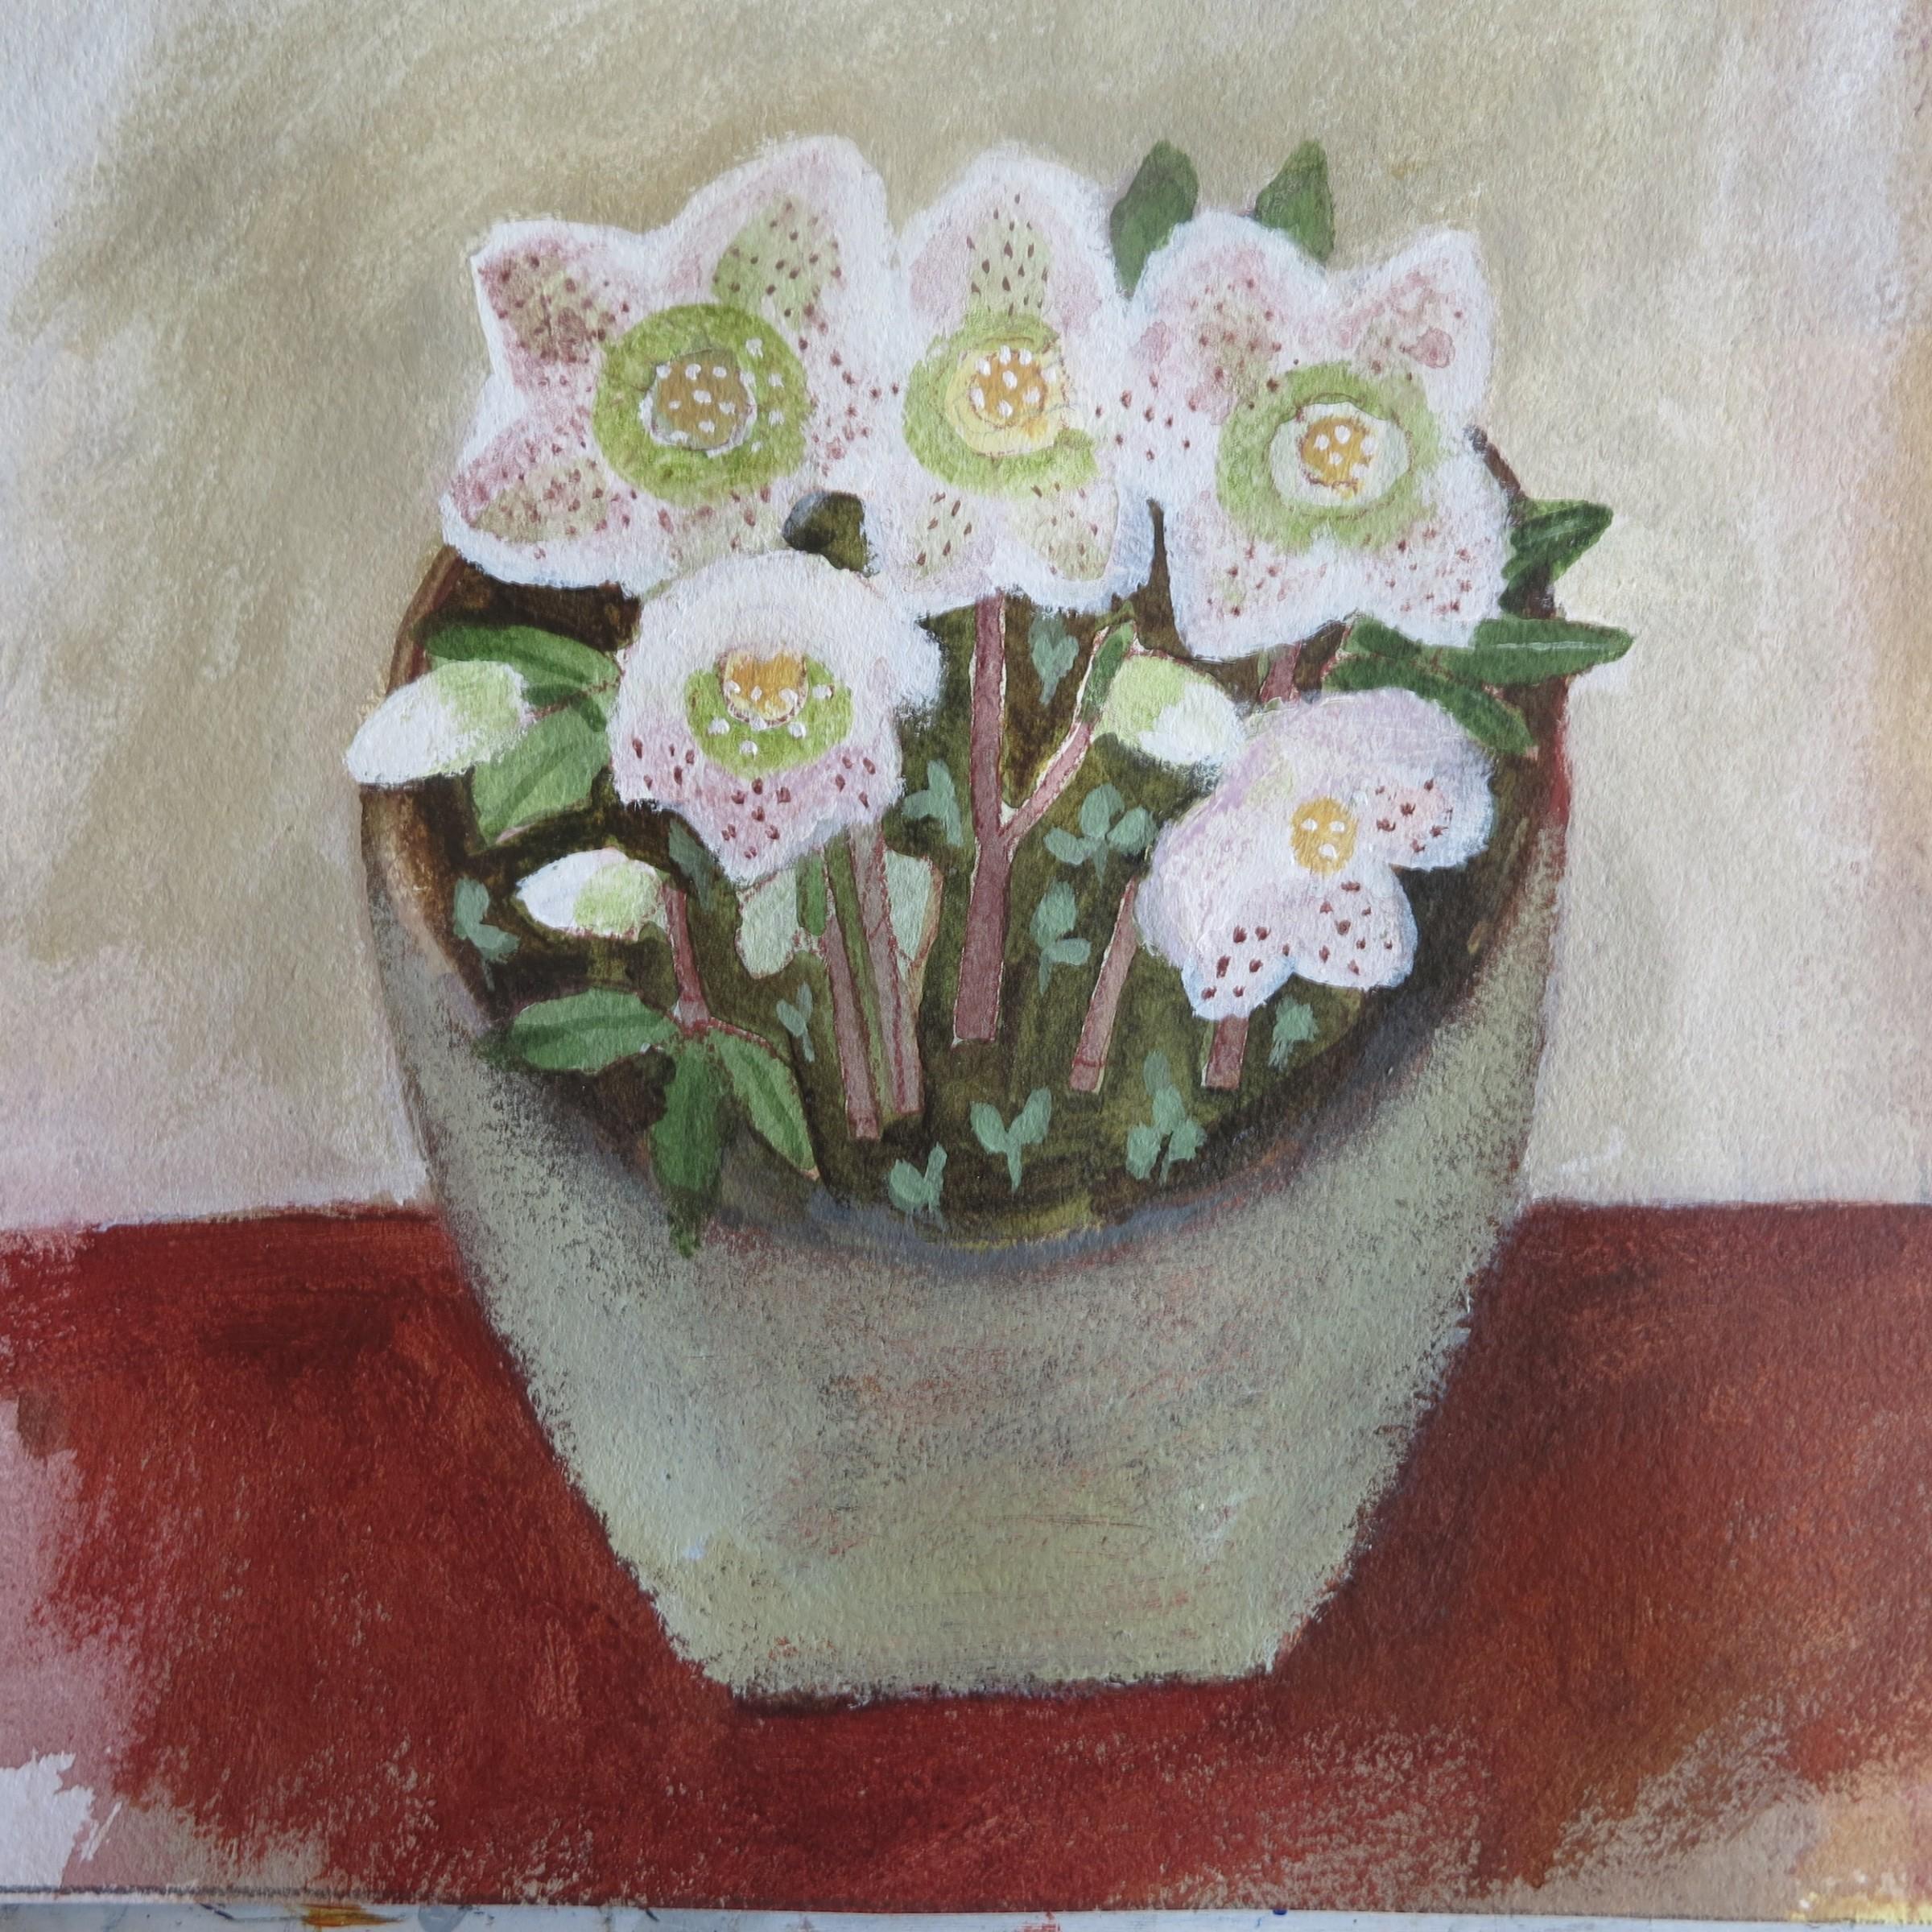 <span class=&#34;link fancybox-details-link&#34;><a href=&#34;/exhibitions/24/works/artworks_standalone10726/&#34;>View Detail Page</a></span><div class=&#34;artist&#34;><span class=&#34;artist&#34;><strong>Jill Leman</strong></span></div><div class=&#34;title&#34;><em>Lenten Roses</em></div><div class=&#34;medium&#34;>watercolour & acrylic</div><div class=&#34;dimensions&#34;>32.5x32cm</div>